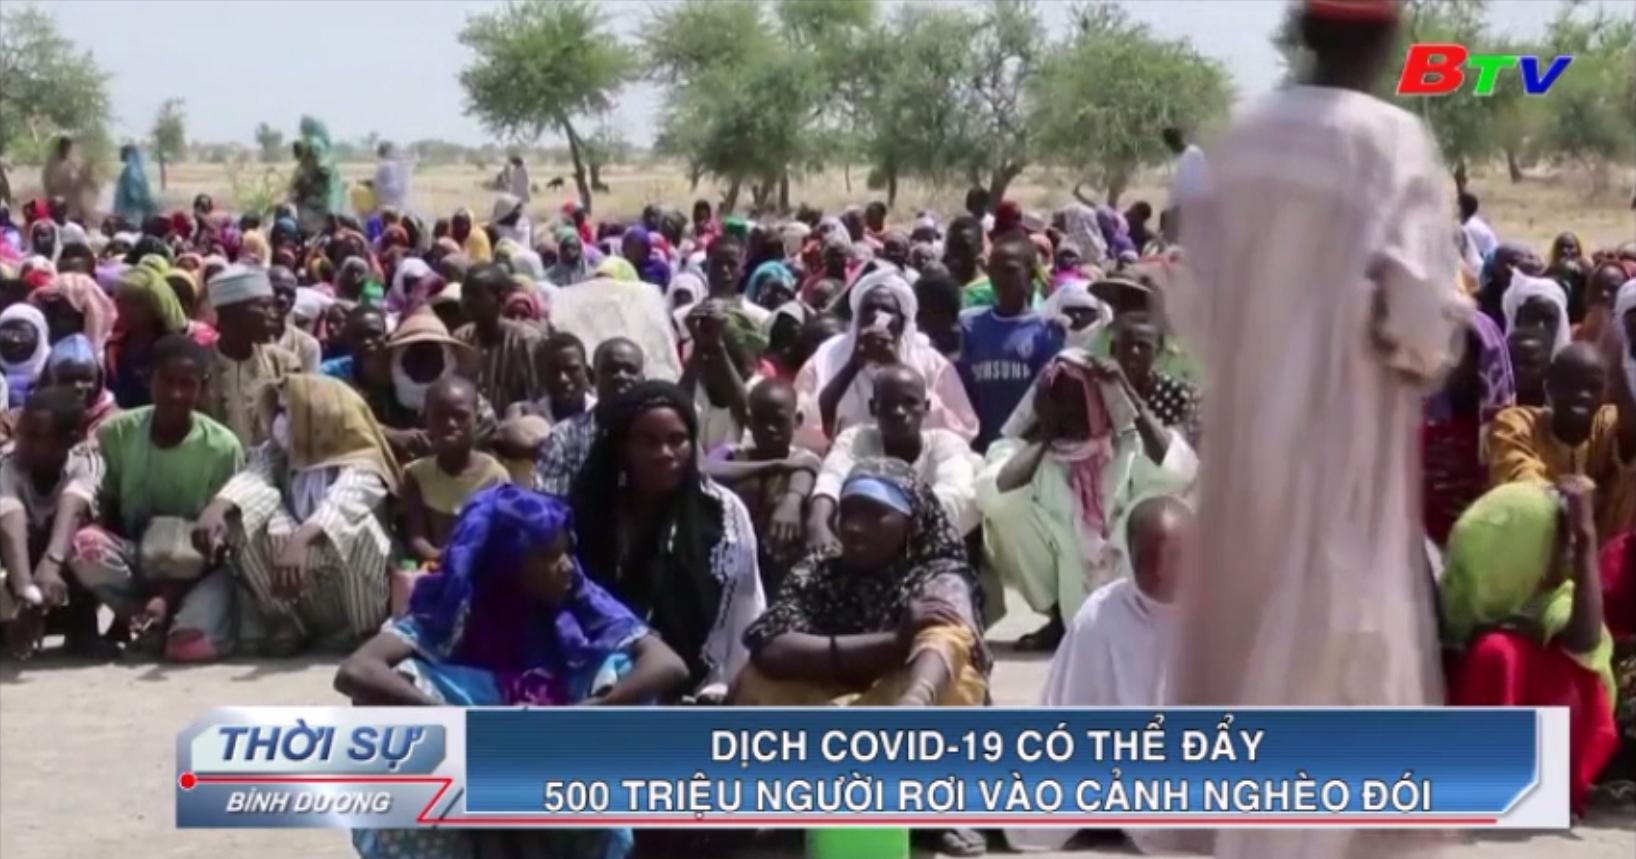 Dịch Covid-19 có thể đẩy 500 triệu người rơi vào cảnh nghèo đói